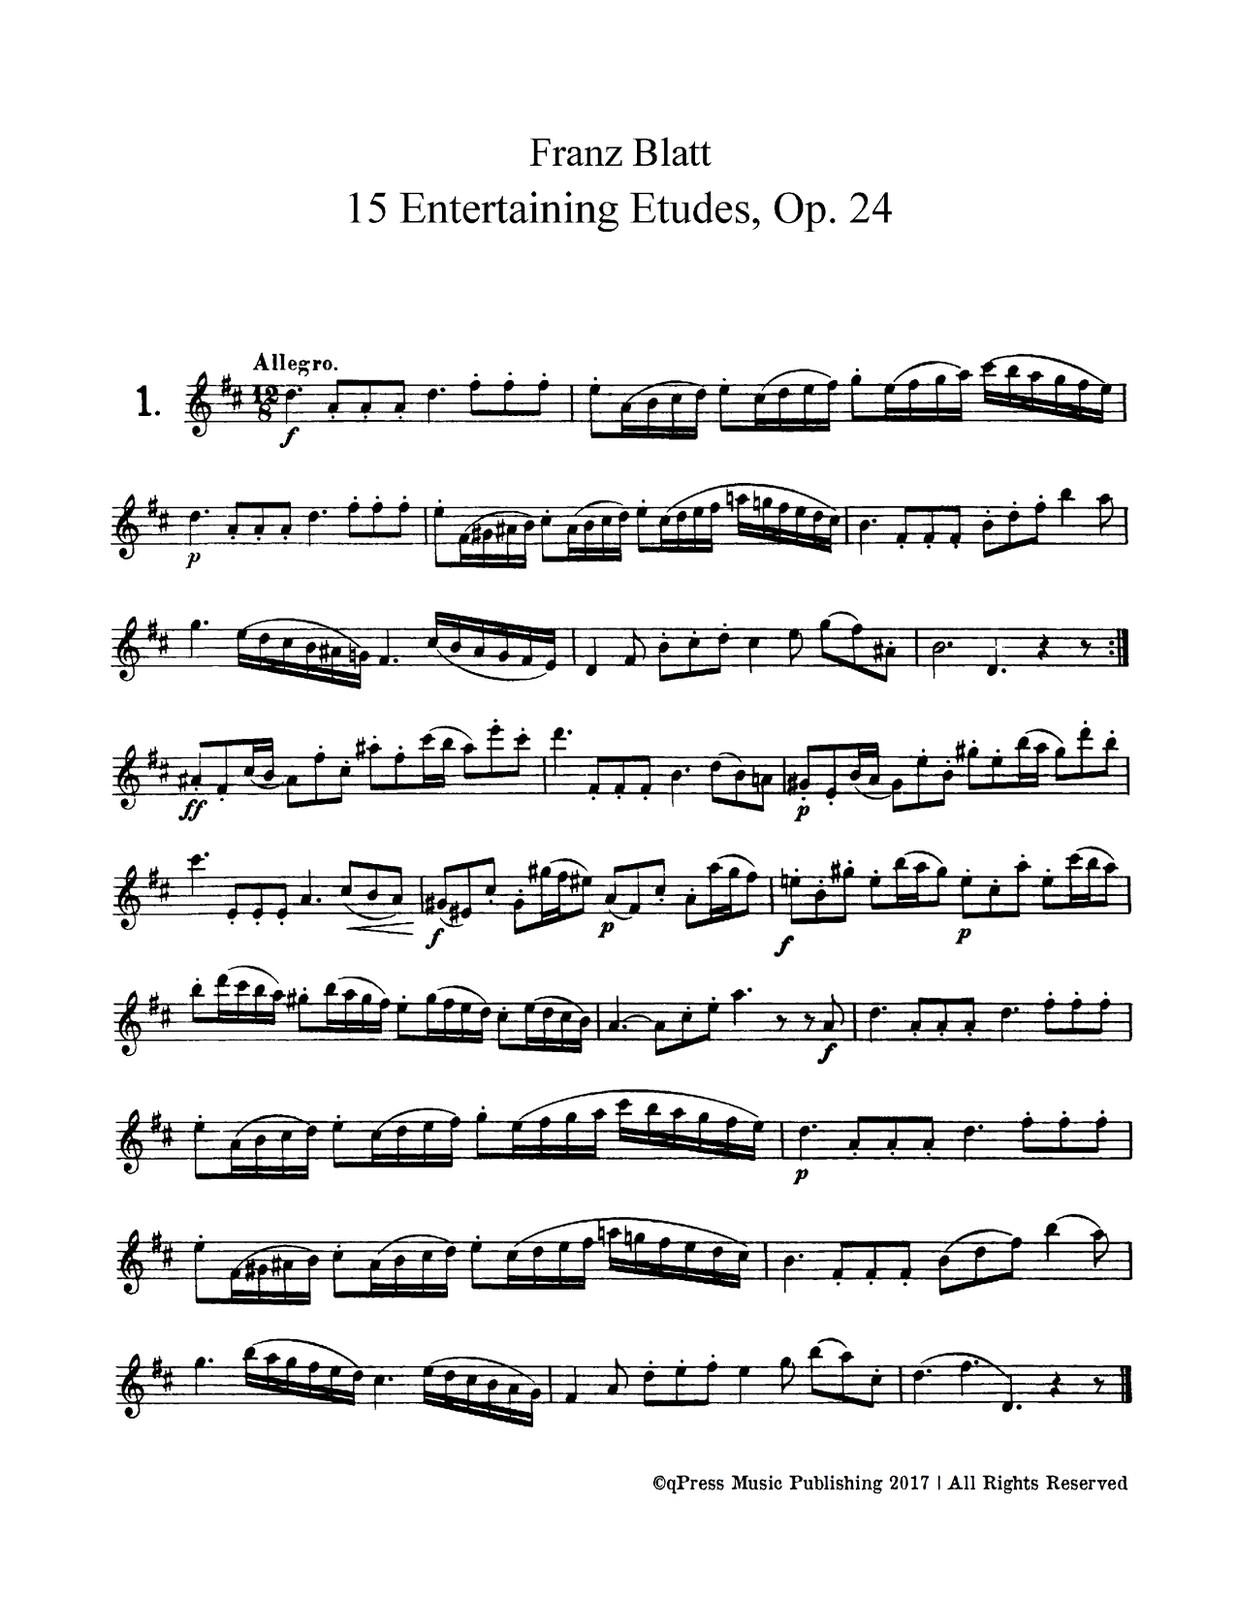 Blatt, 15 Entertaining Etudes-p03